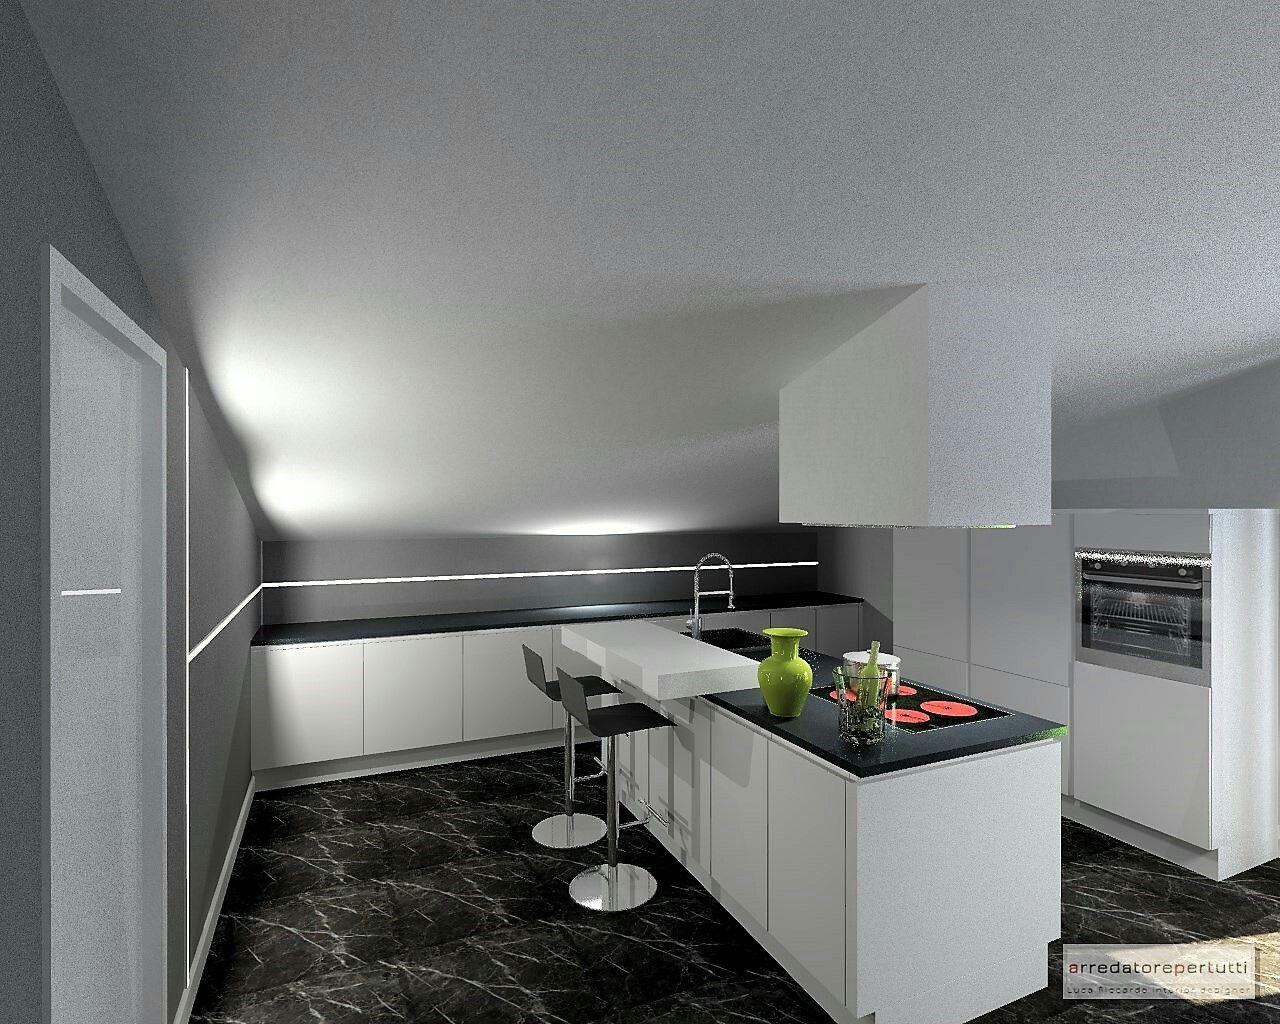 Piano Di Lavoro A Ribalta cucina moderna bianca, piano di lavoro nero, barra led